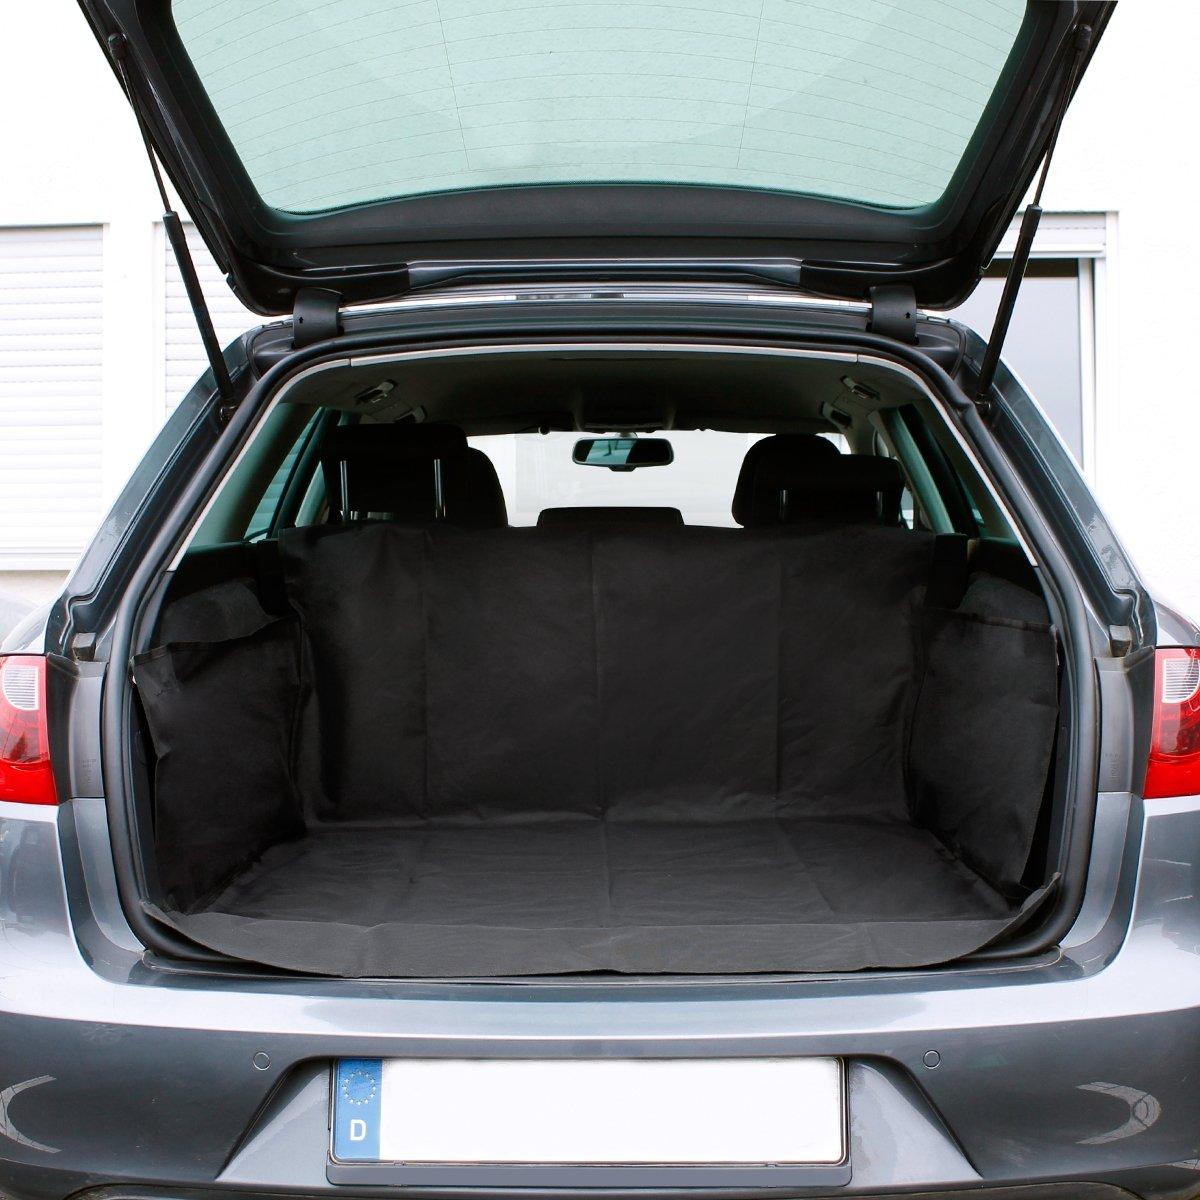 ECD Germany Protezione Bagliaiaio Auto 156 x170 cm Coperta Protezione Bagagiaio Auto per Animali Fodera Tappeto